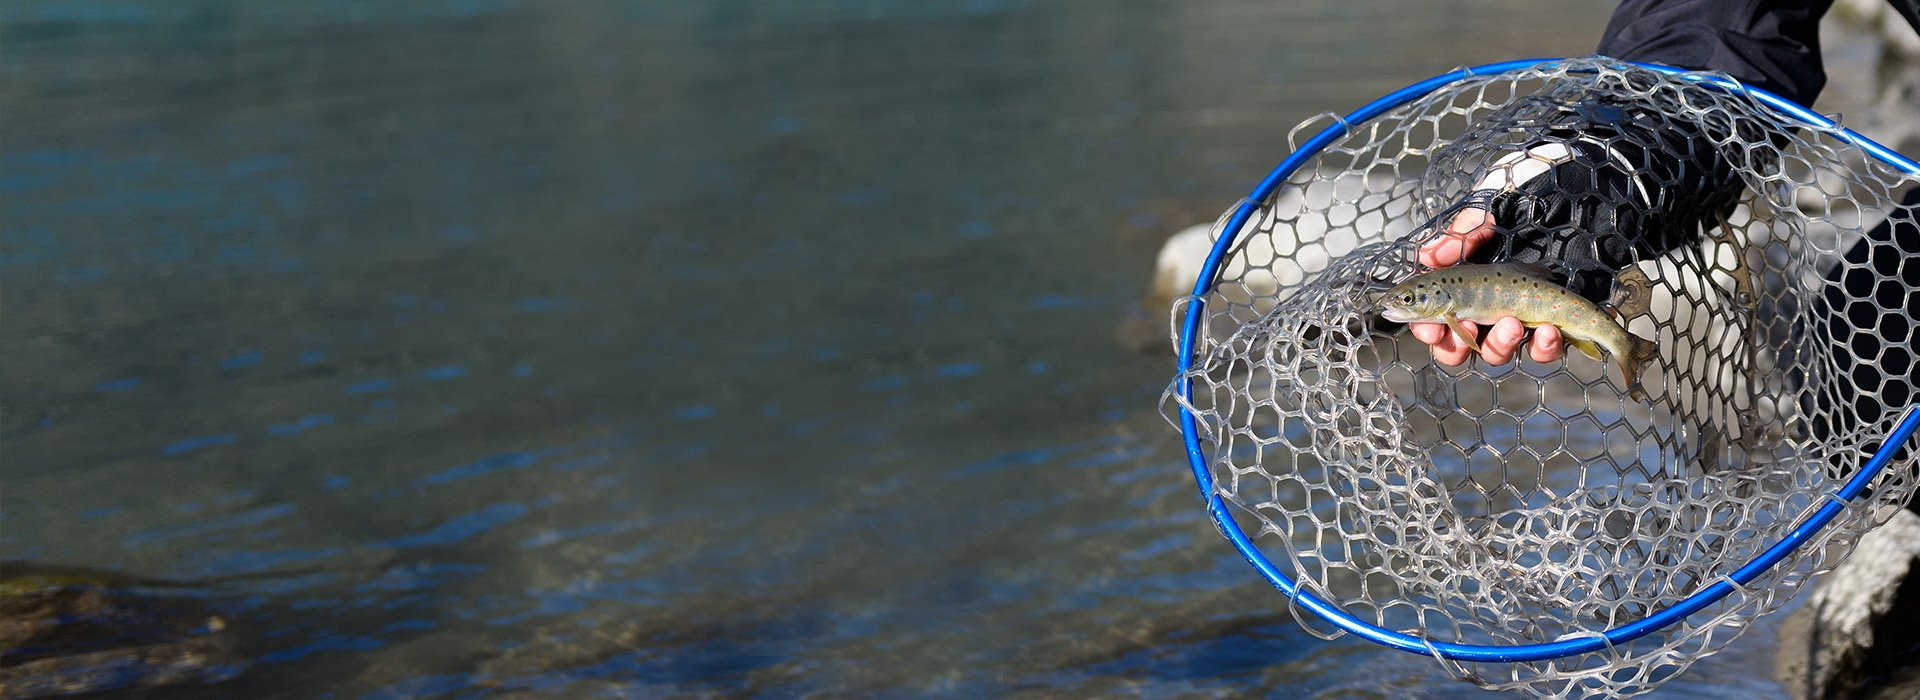 Рыба моей мечты